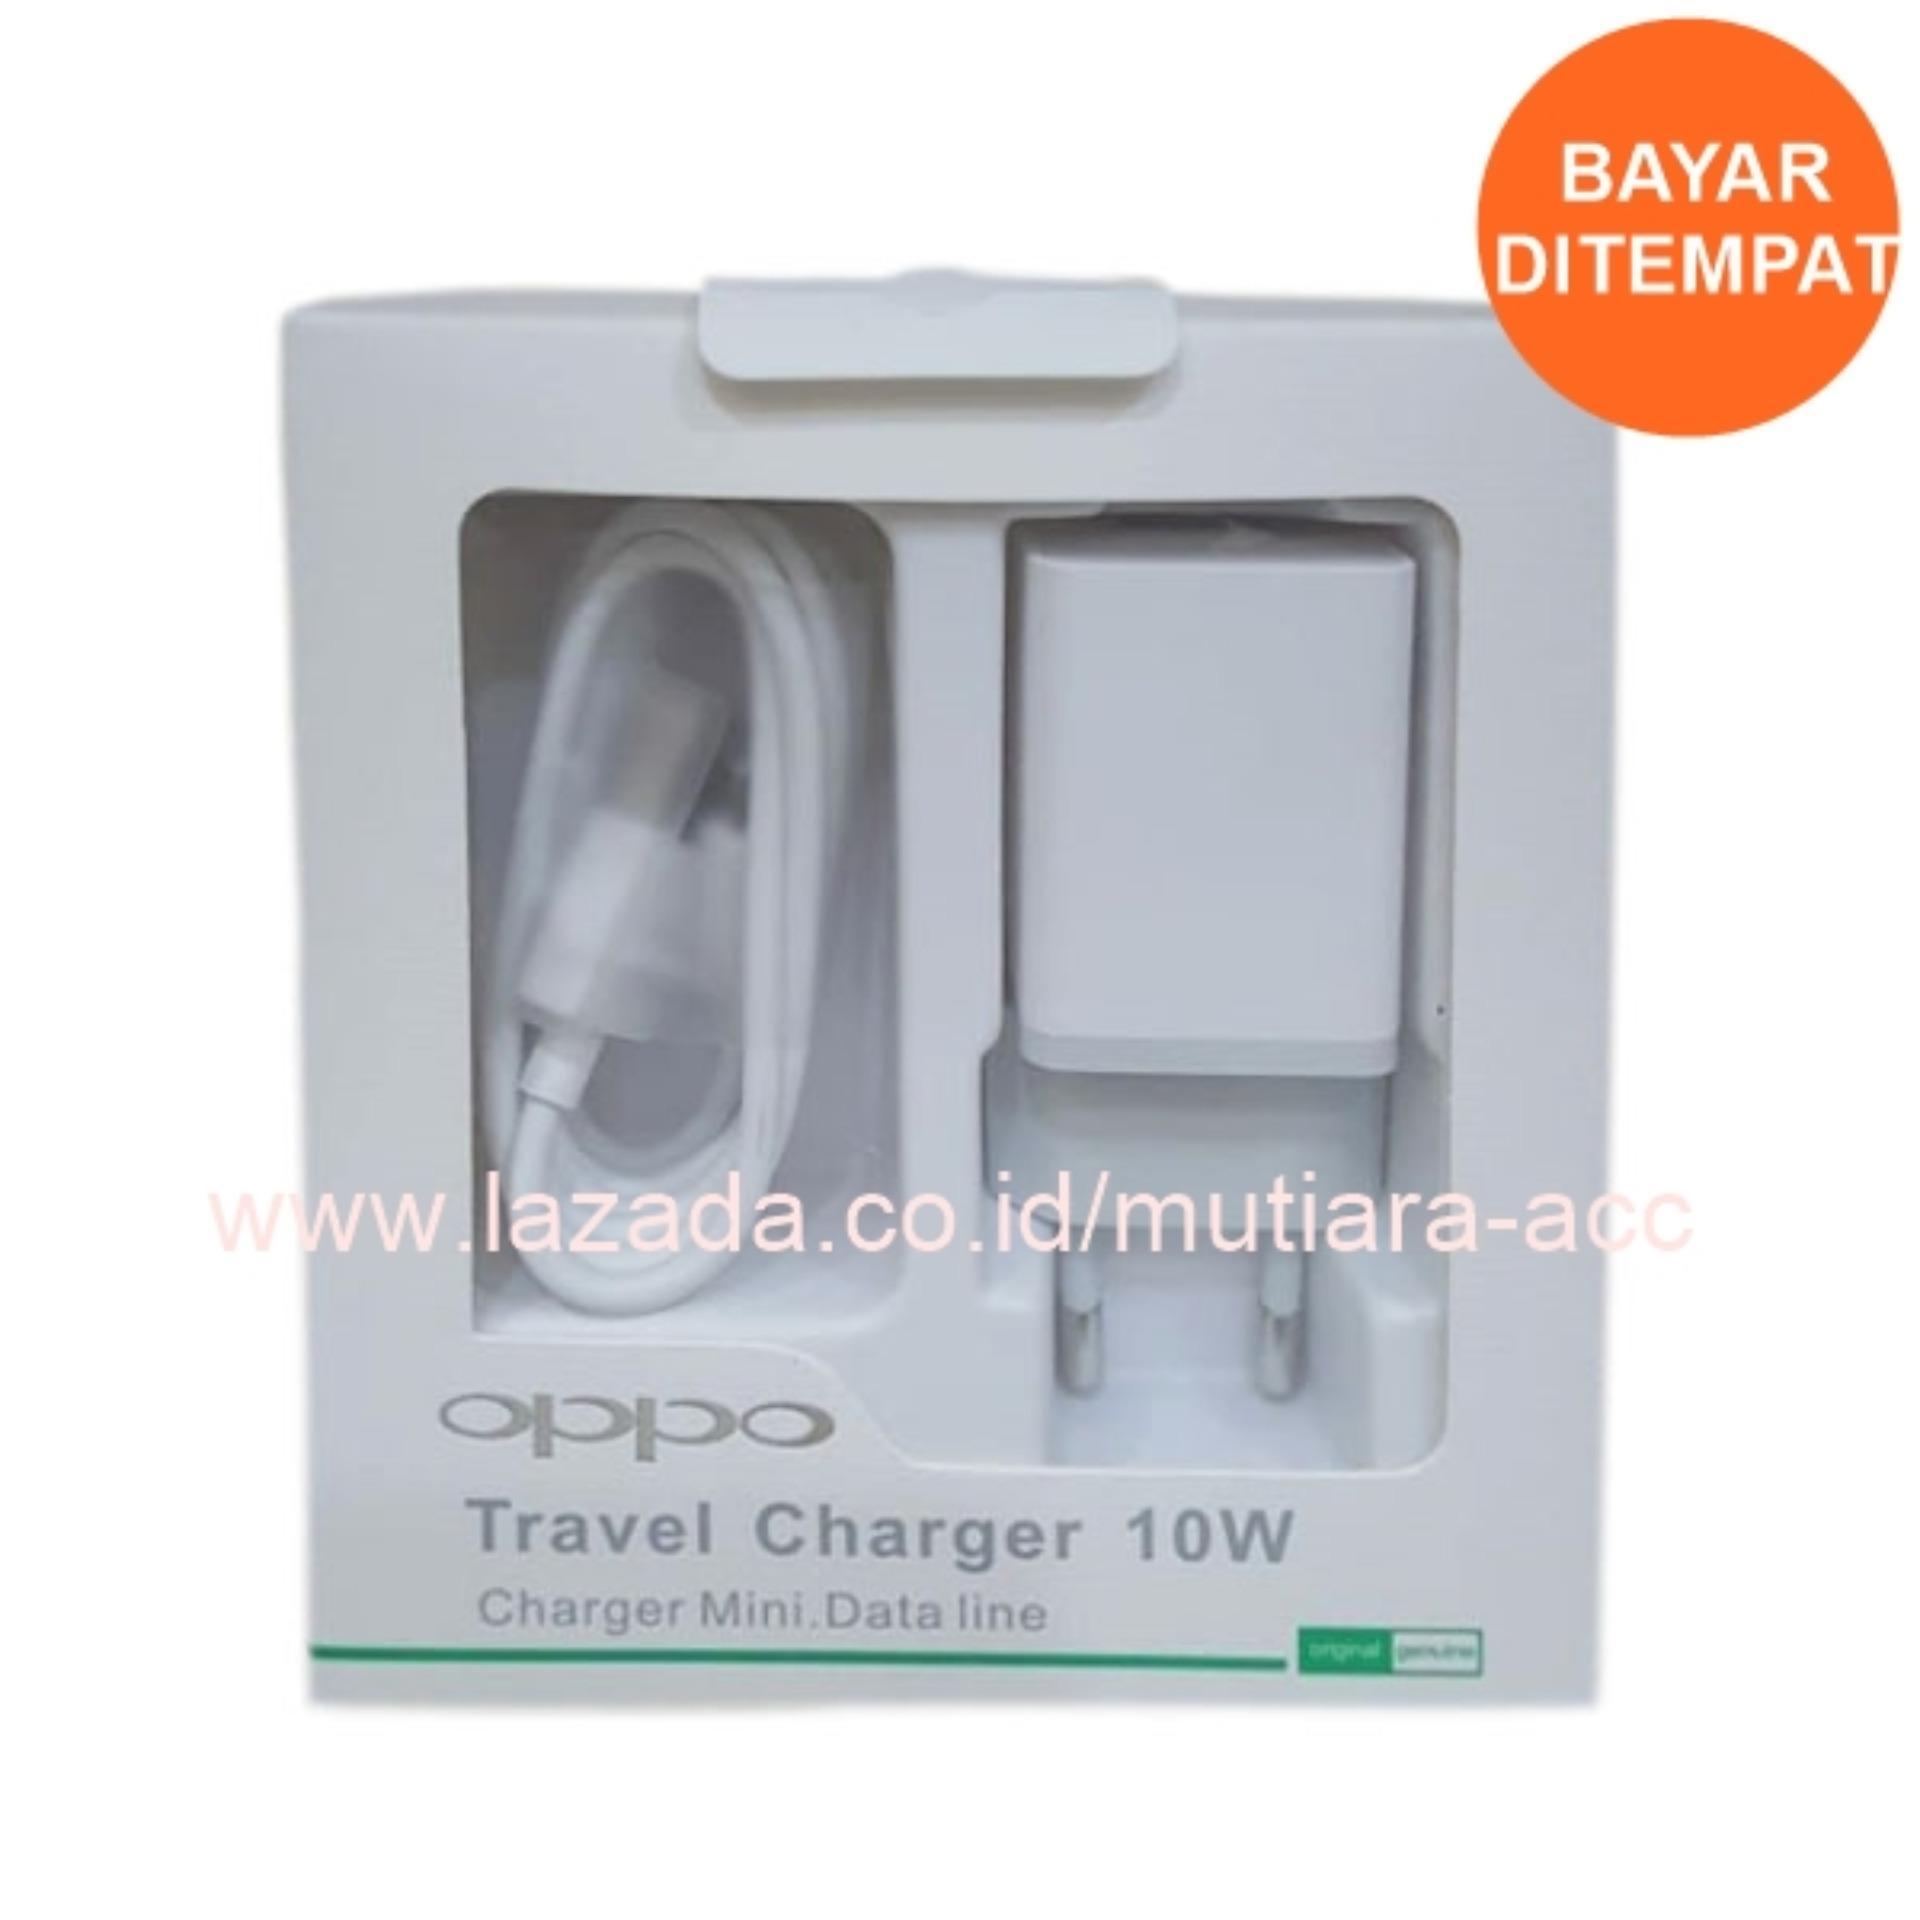 OPPO Travel Charger 10W For Oppo A37, F3, F1S, A57, A39, A35 , 2A , F5 , A33,A71 N3,Neo